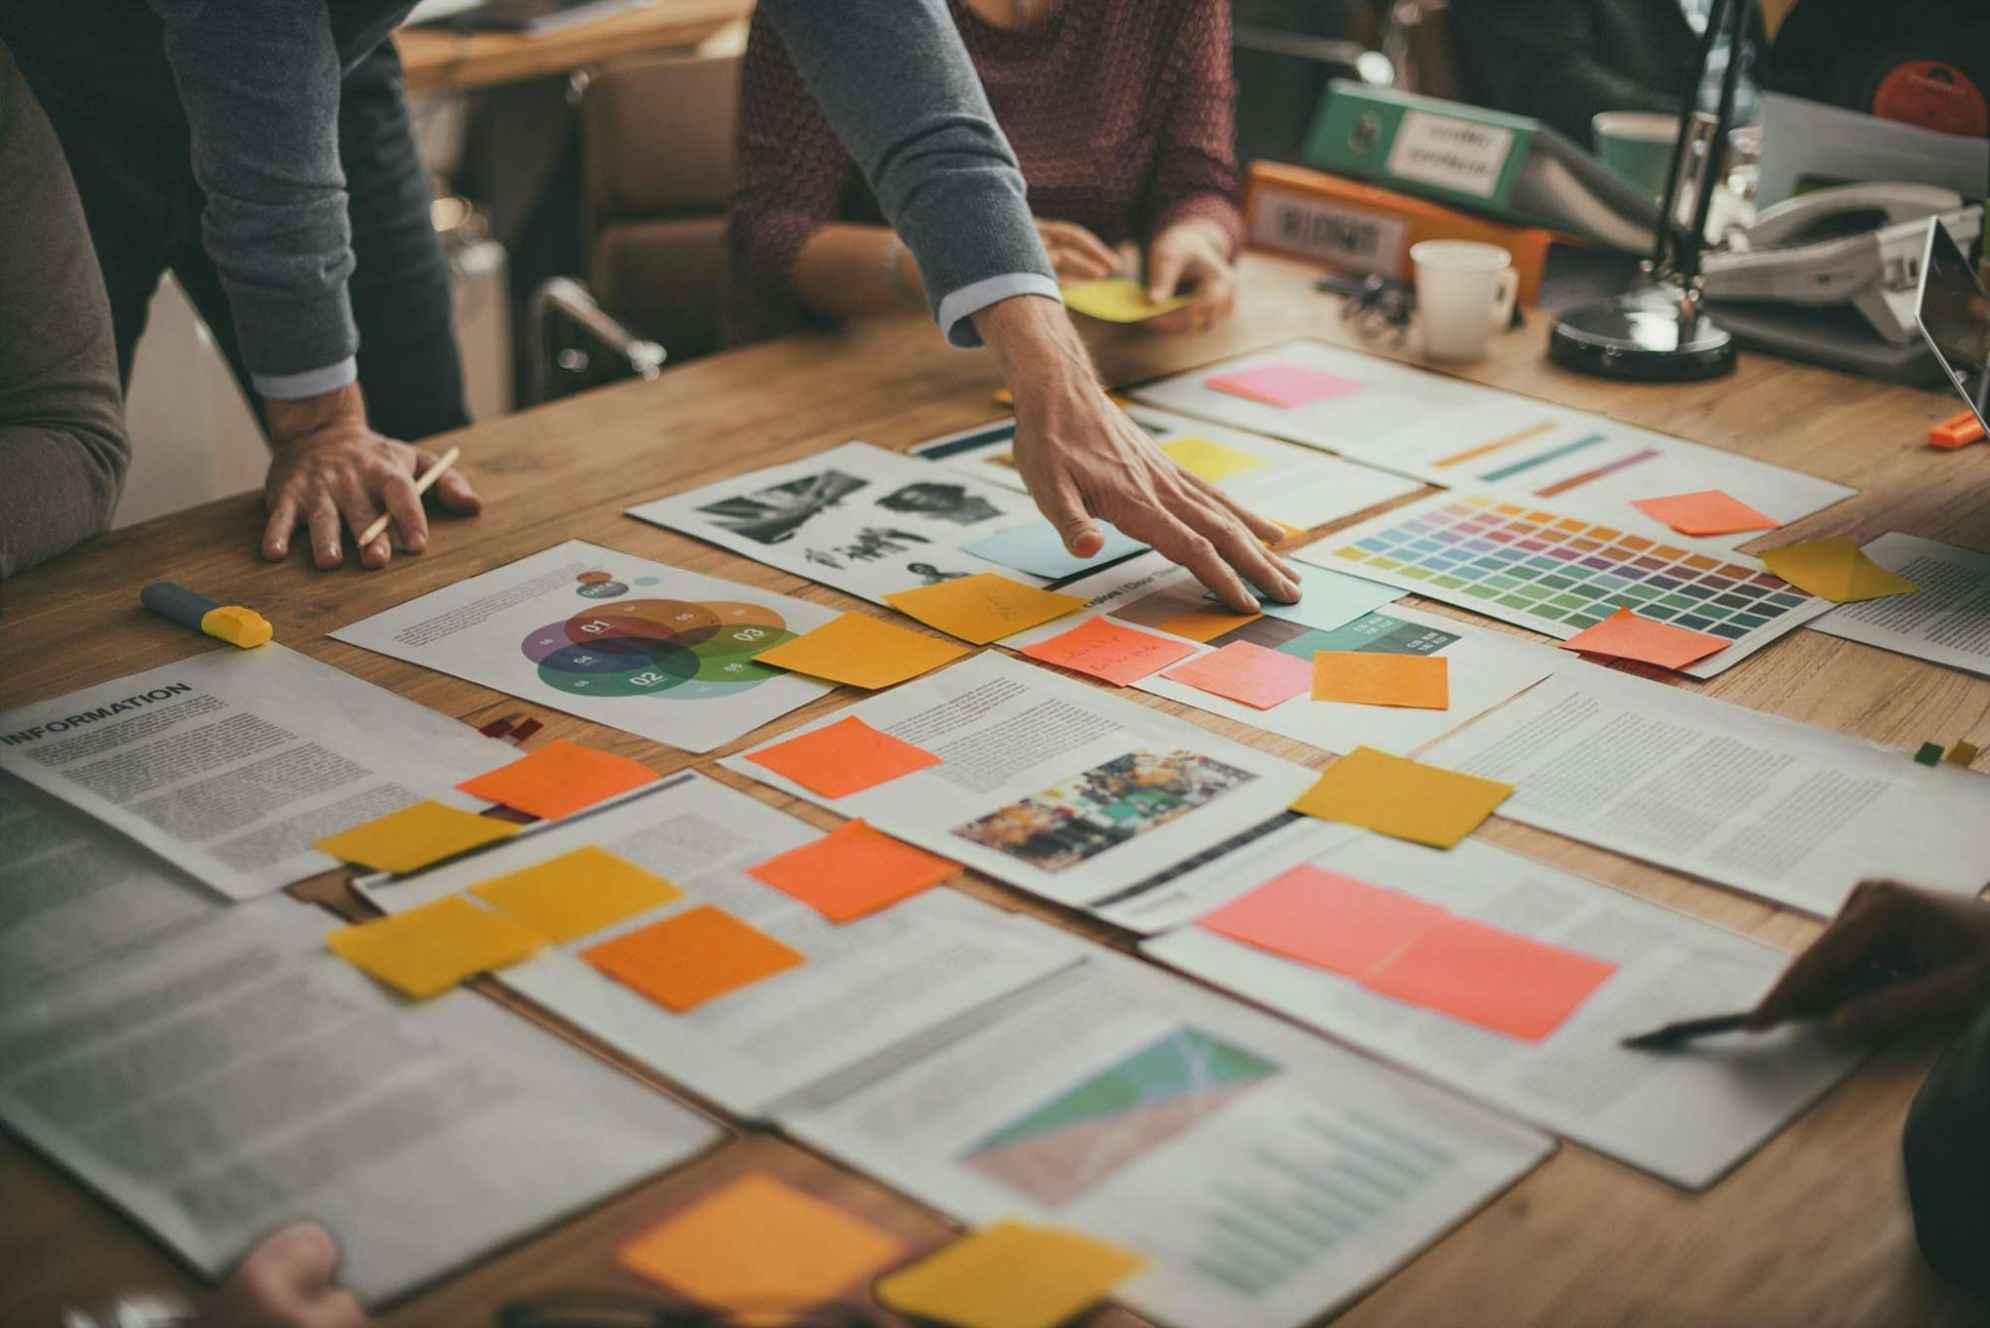 Marketing de conteúdo: 5 técnicas para melhorar a qualidade e entregar resultados